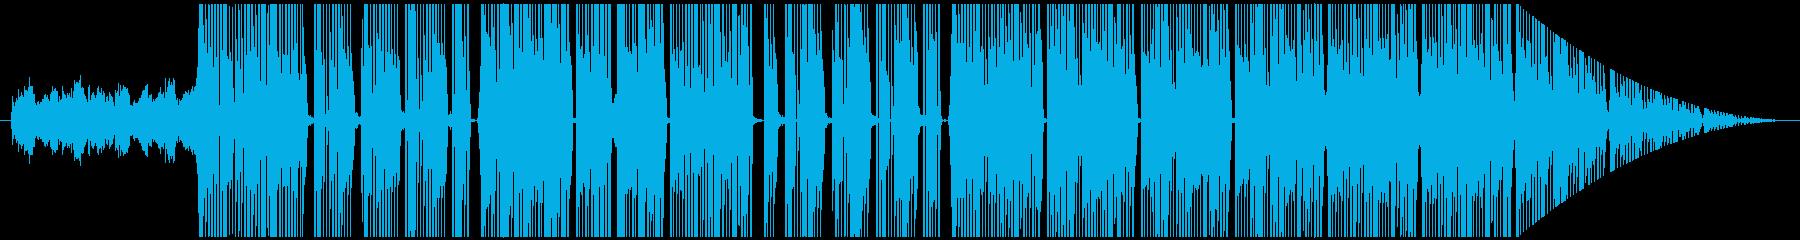 不気味で金を主張するtrap beatの再生済みの波形